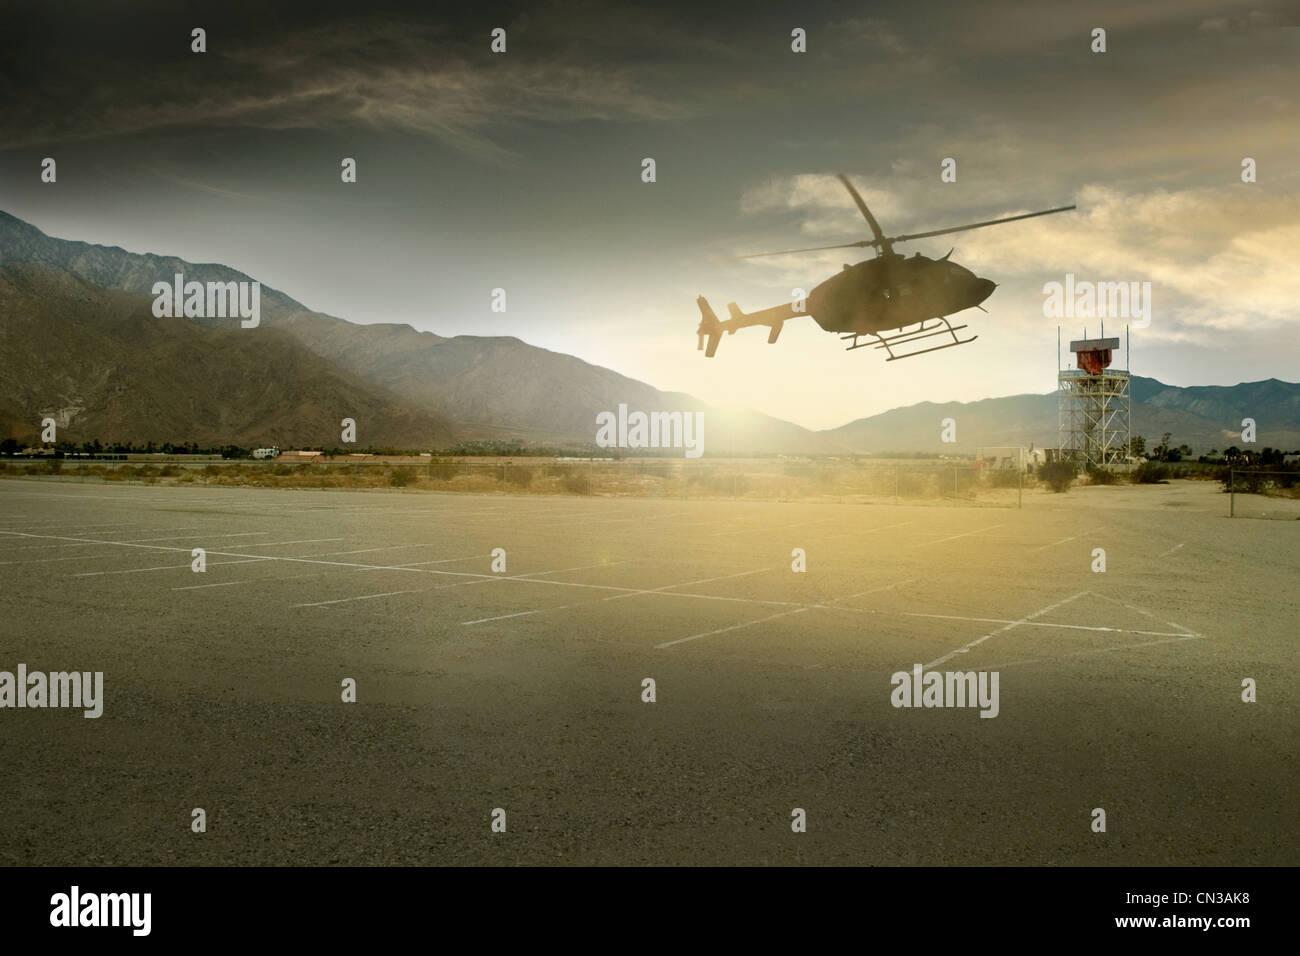 Di atterraggio per elicotteri in Palm Springs, California, Stati Uniti d'America Immagini Stock